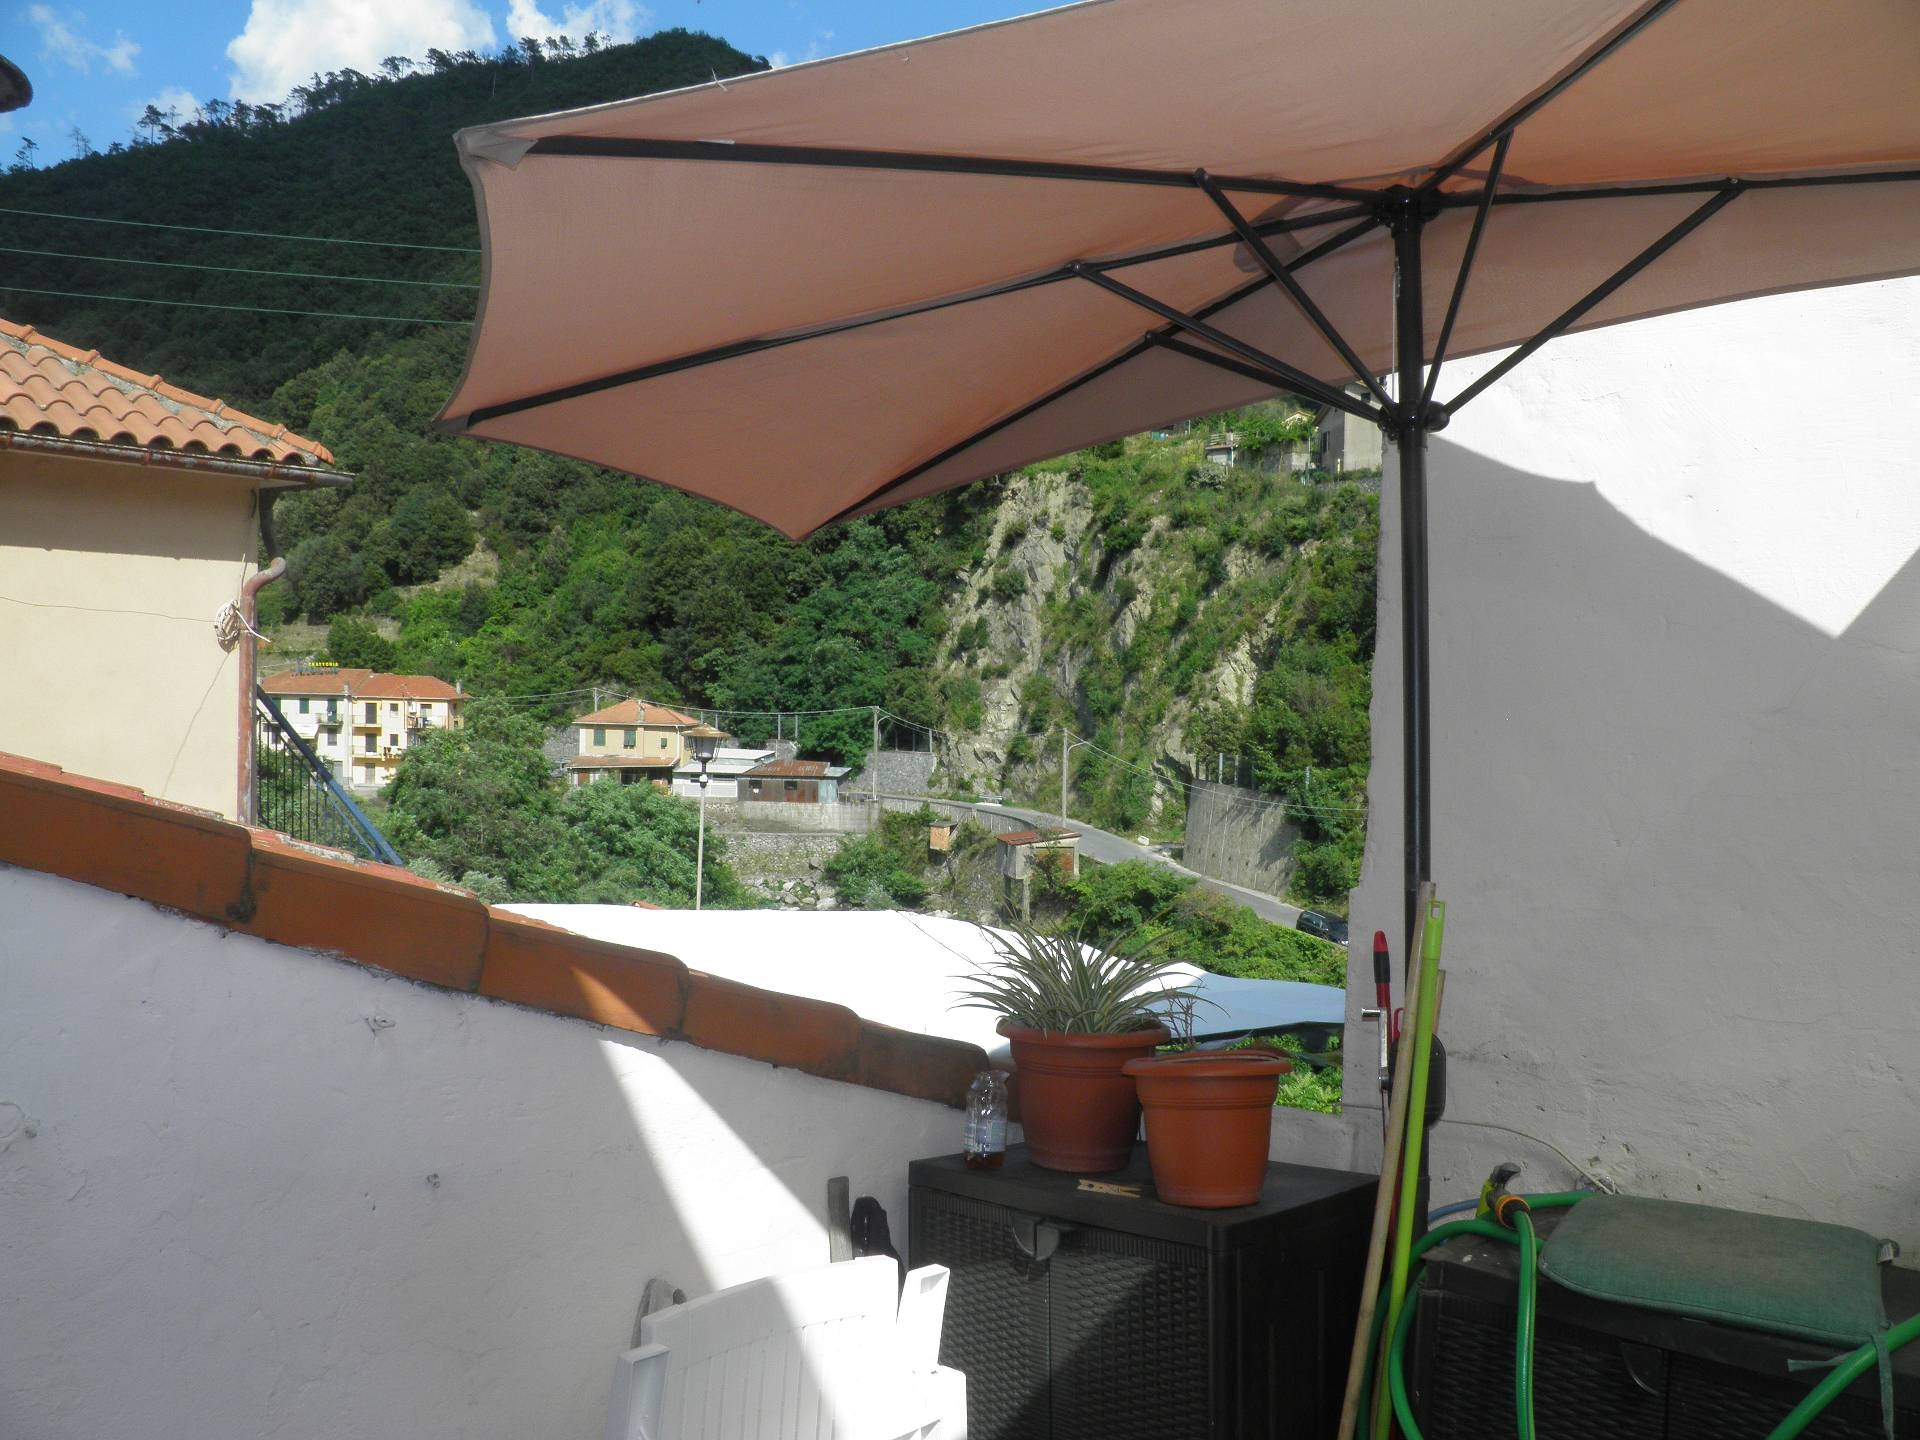 Appartamento in vendita a Albisola Superiore, 3 locali, prezzo € 80.000 | PortaleAgenzieImmobiliari.it